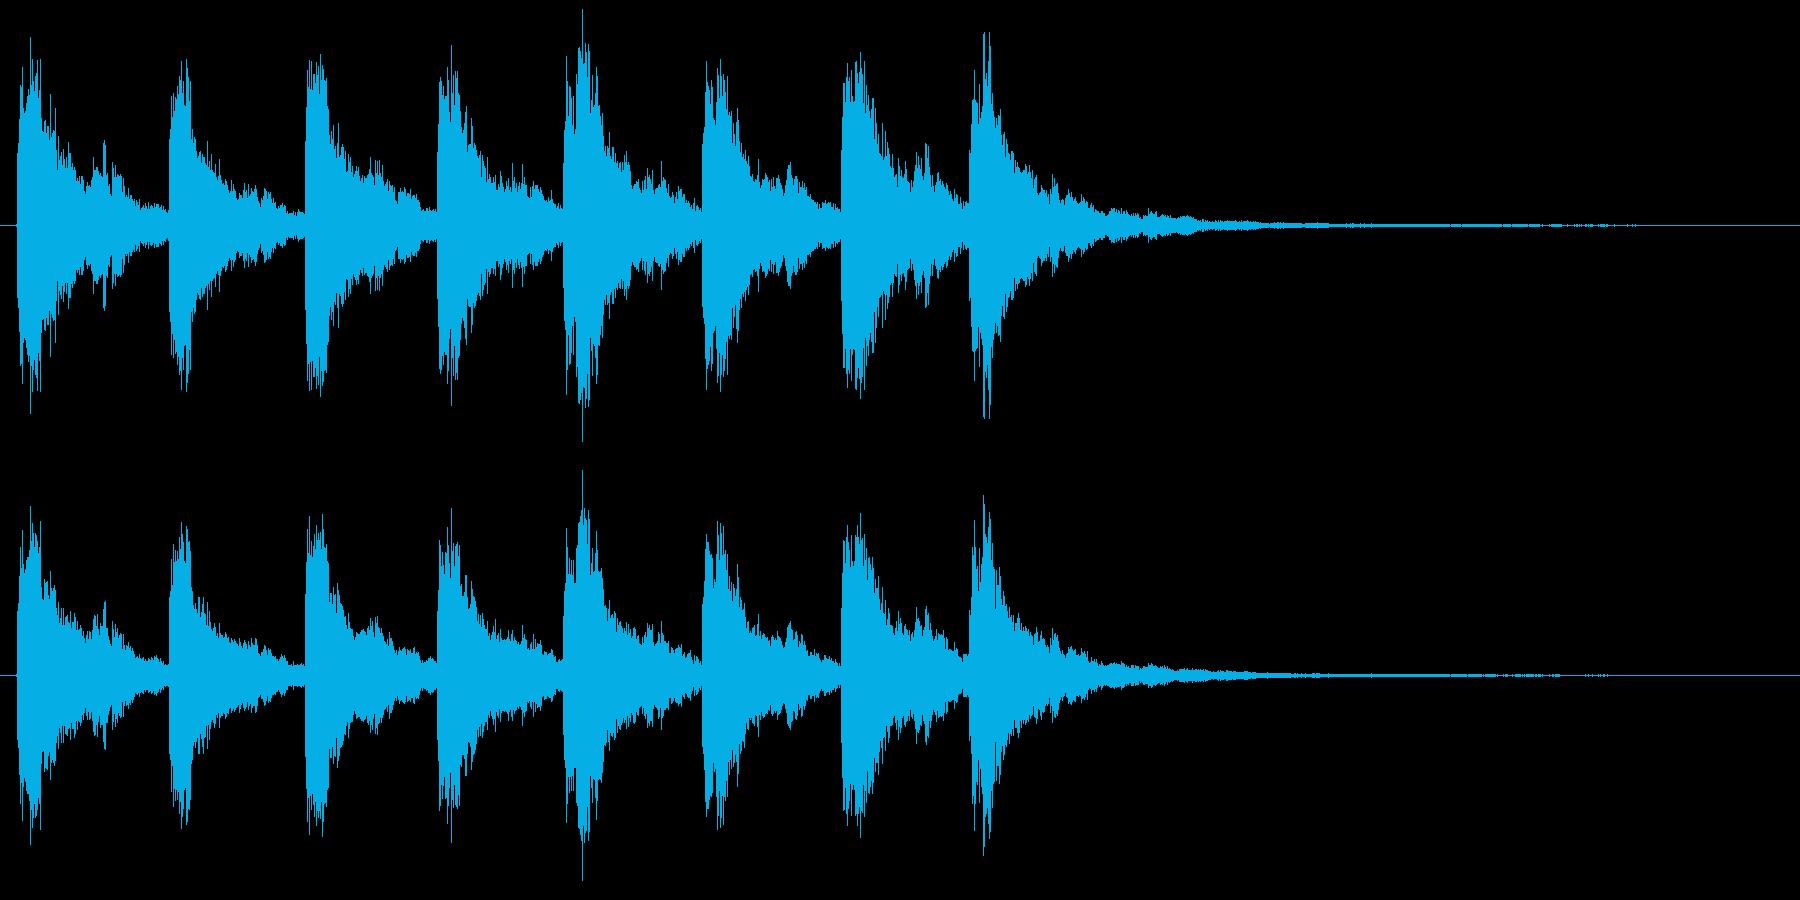 教会の鐘の音 8回キンコーーーーンの再生済みの波形